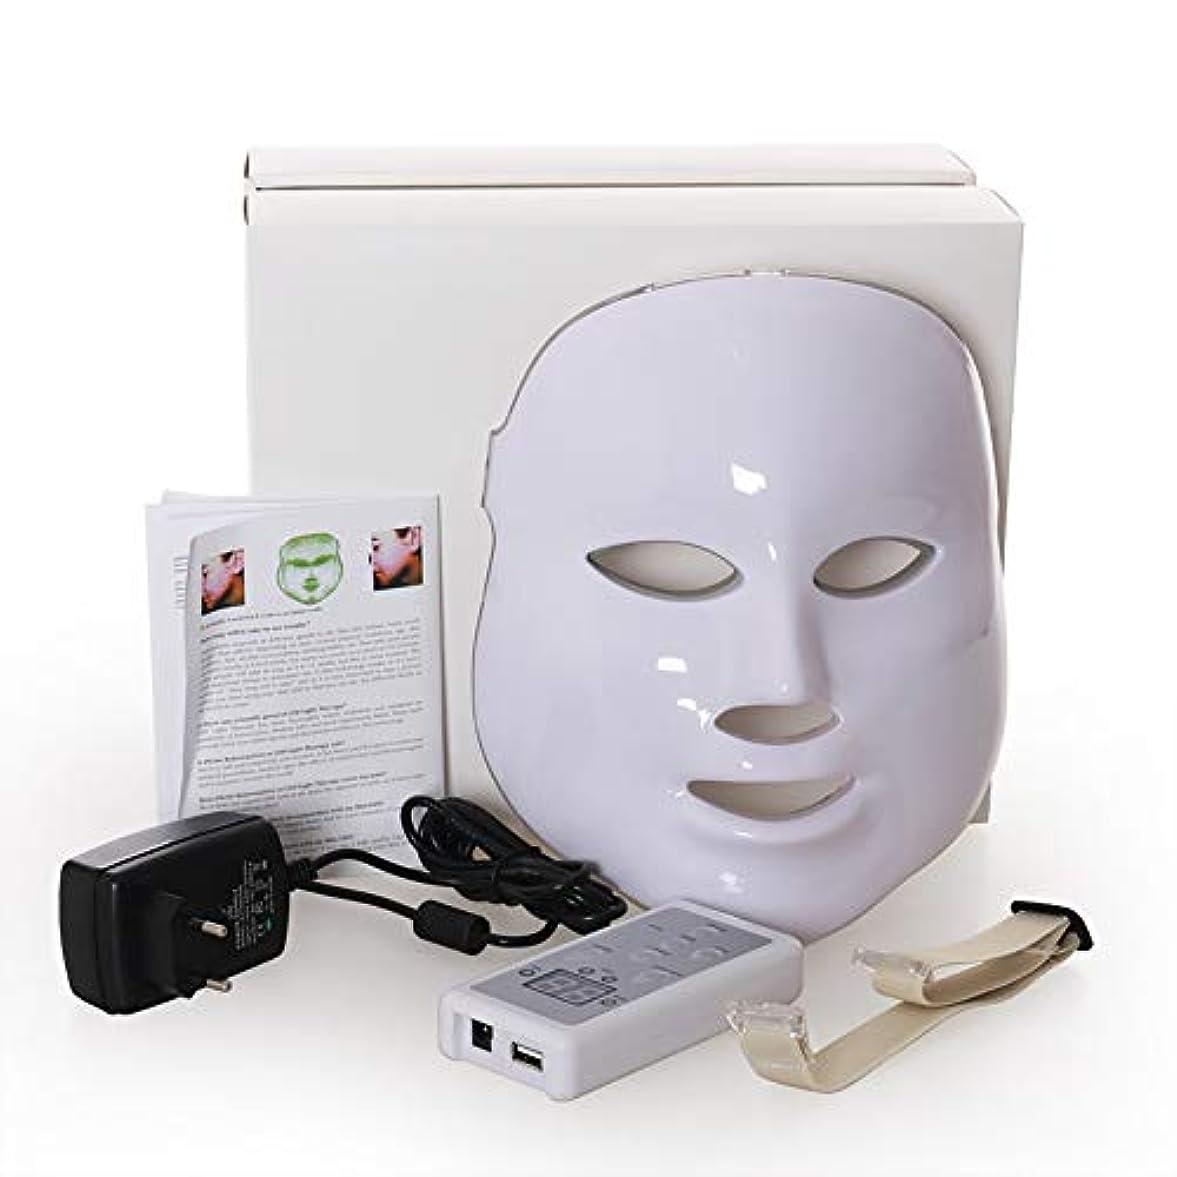 である要塞習慣Led のマスク、7色はしわ、にきび及び健康な皮の若返りのコラーゲン、反老化の美のマスクのための軽い療法の顔のスキンケアのマスクを導きました